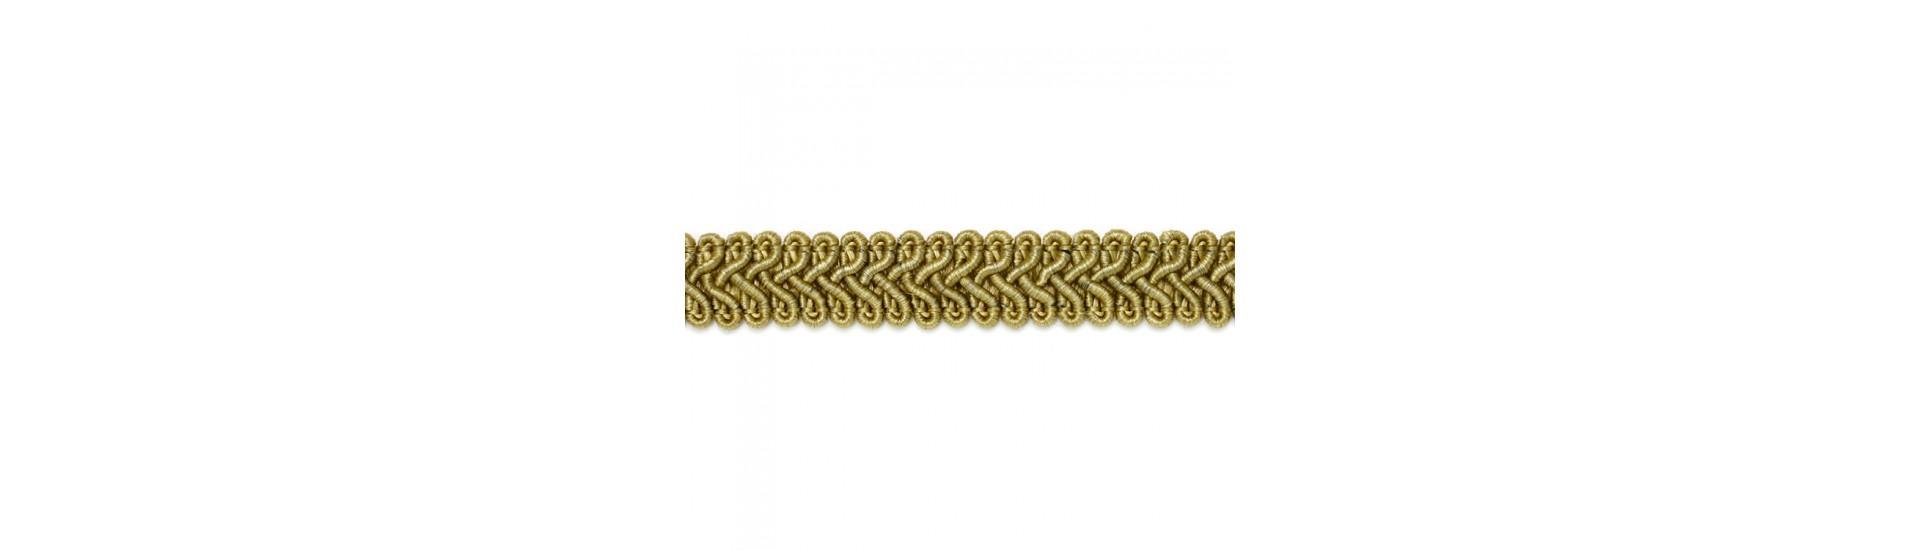 Шторная тесьма SR010 темное золото (50 м)